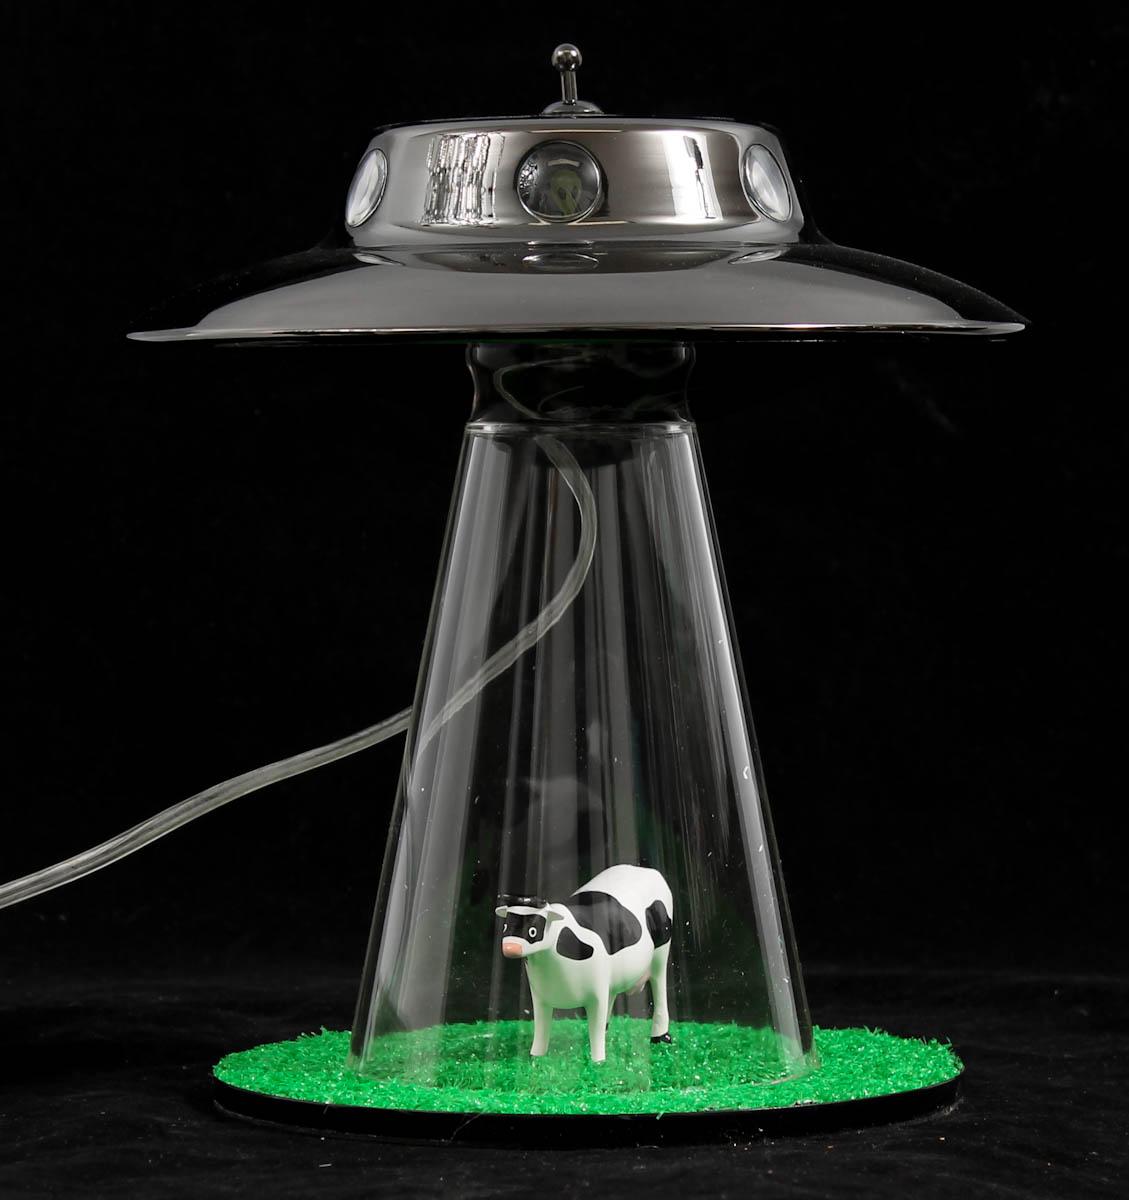 Lasse Klein, Bordslampa,'The Alien Abduction Lamp' |